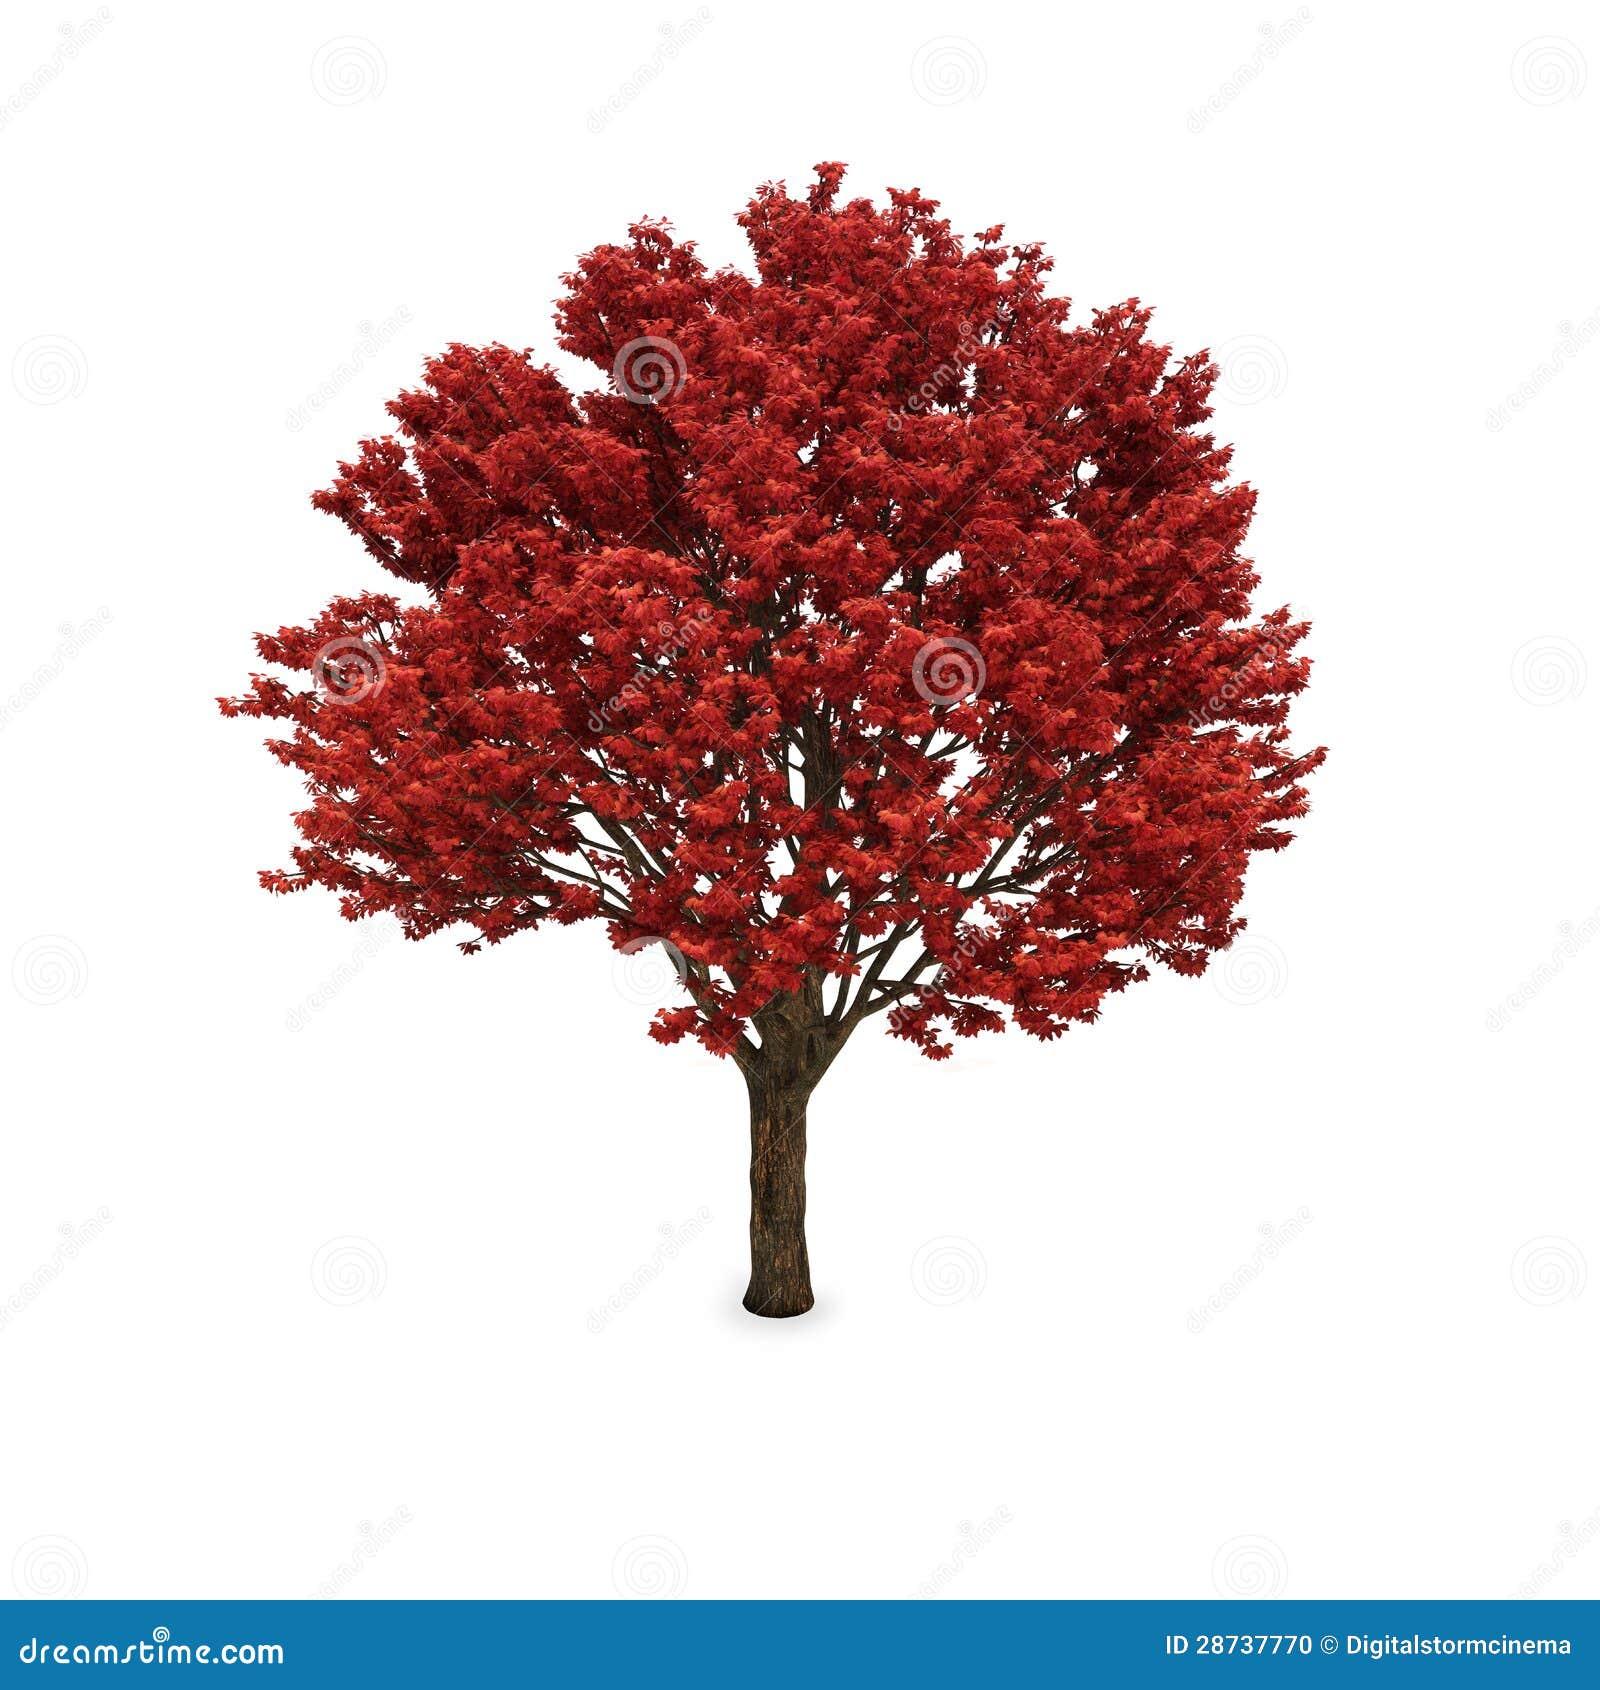 arbre d 39 automne avec le feuillage rouge photo stock image 28737770. Black Bedroom Furniture Sets. Home Design Ideas